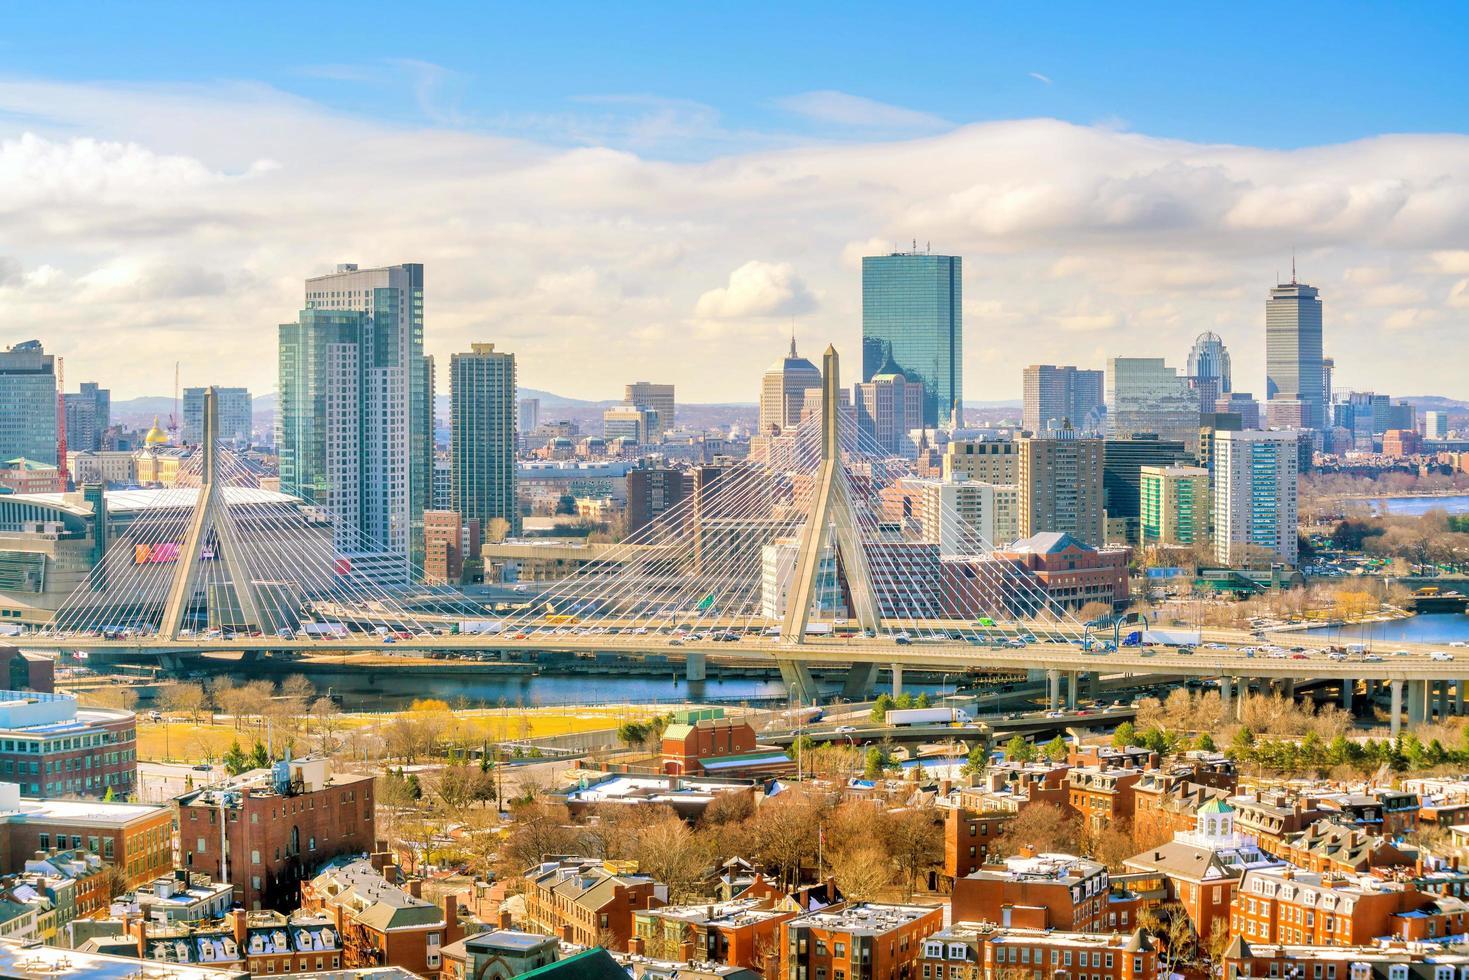 de skyline van Boston in Massachusetts, Verenigde Staten foto